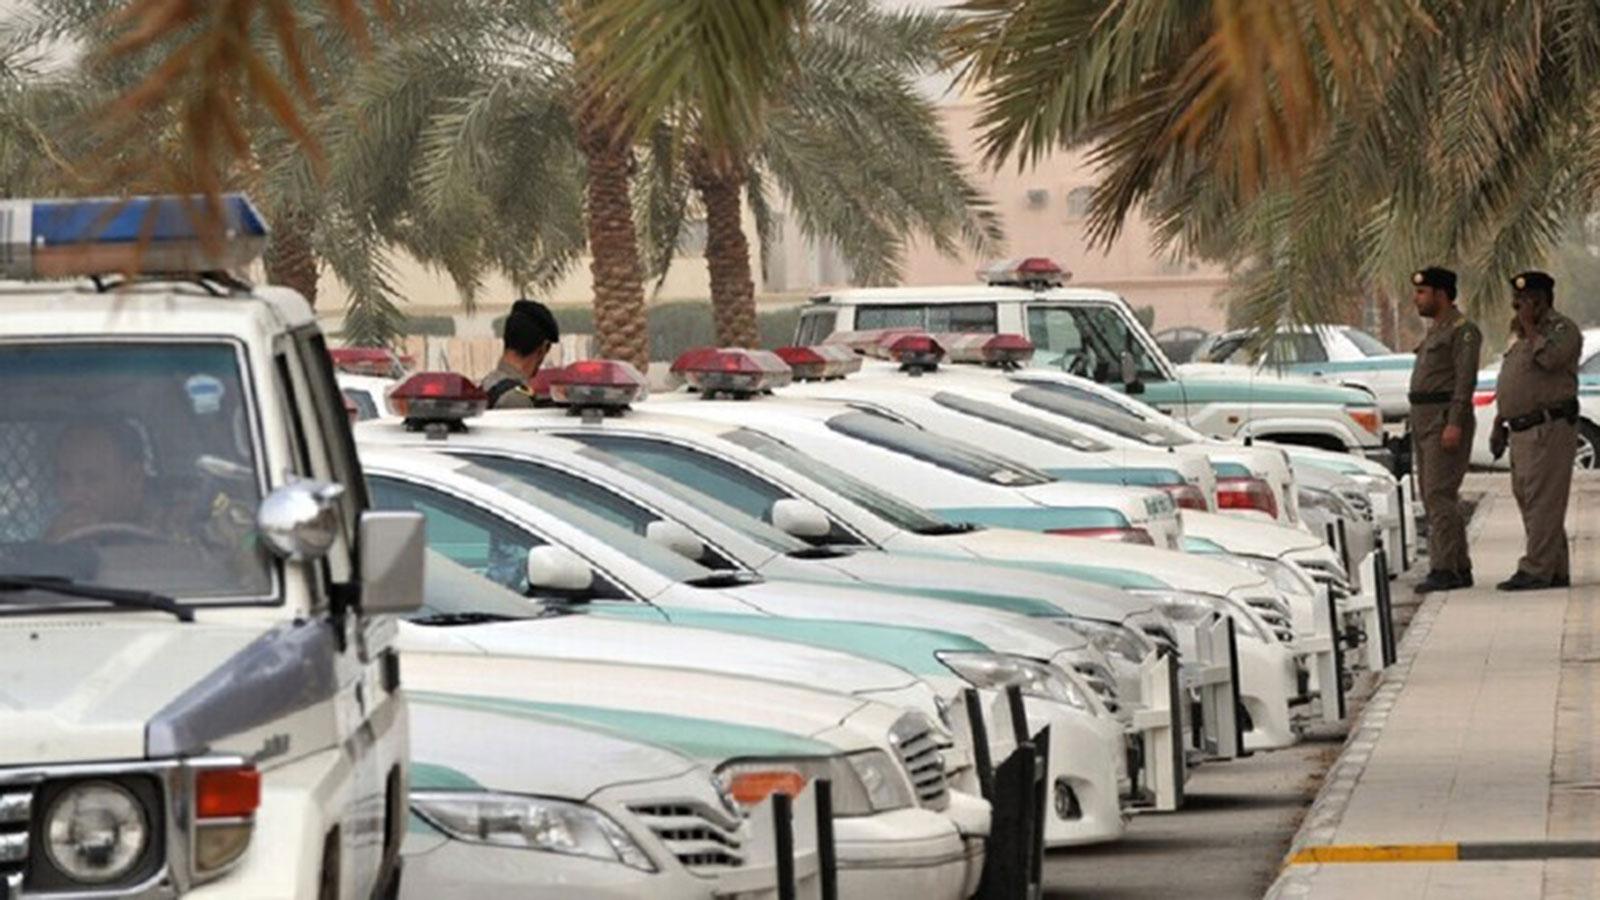 شرطة مكة تقبض على سعودي بحوزته 28 كغم من الحشيش